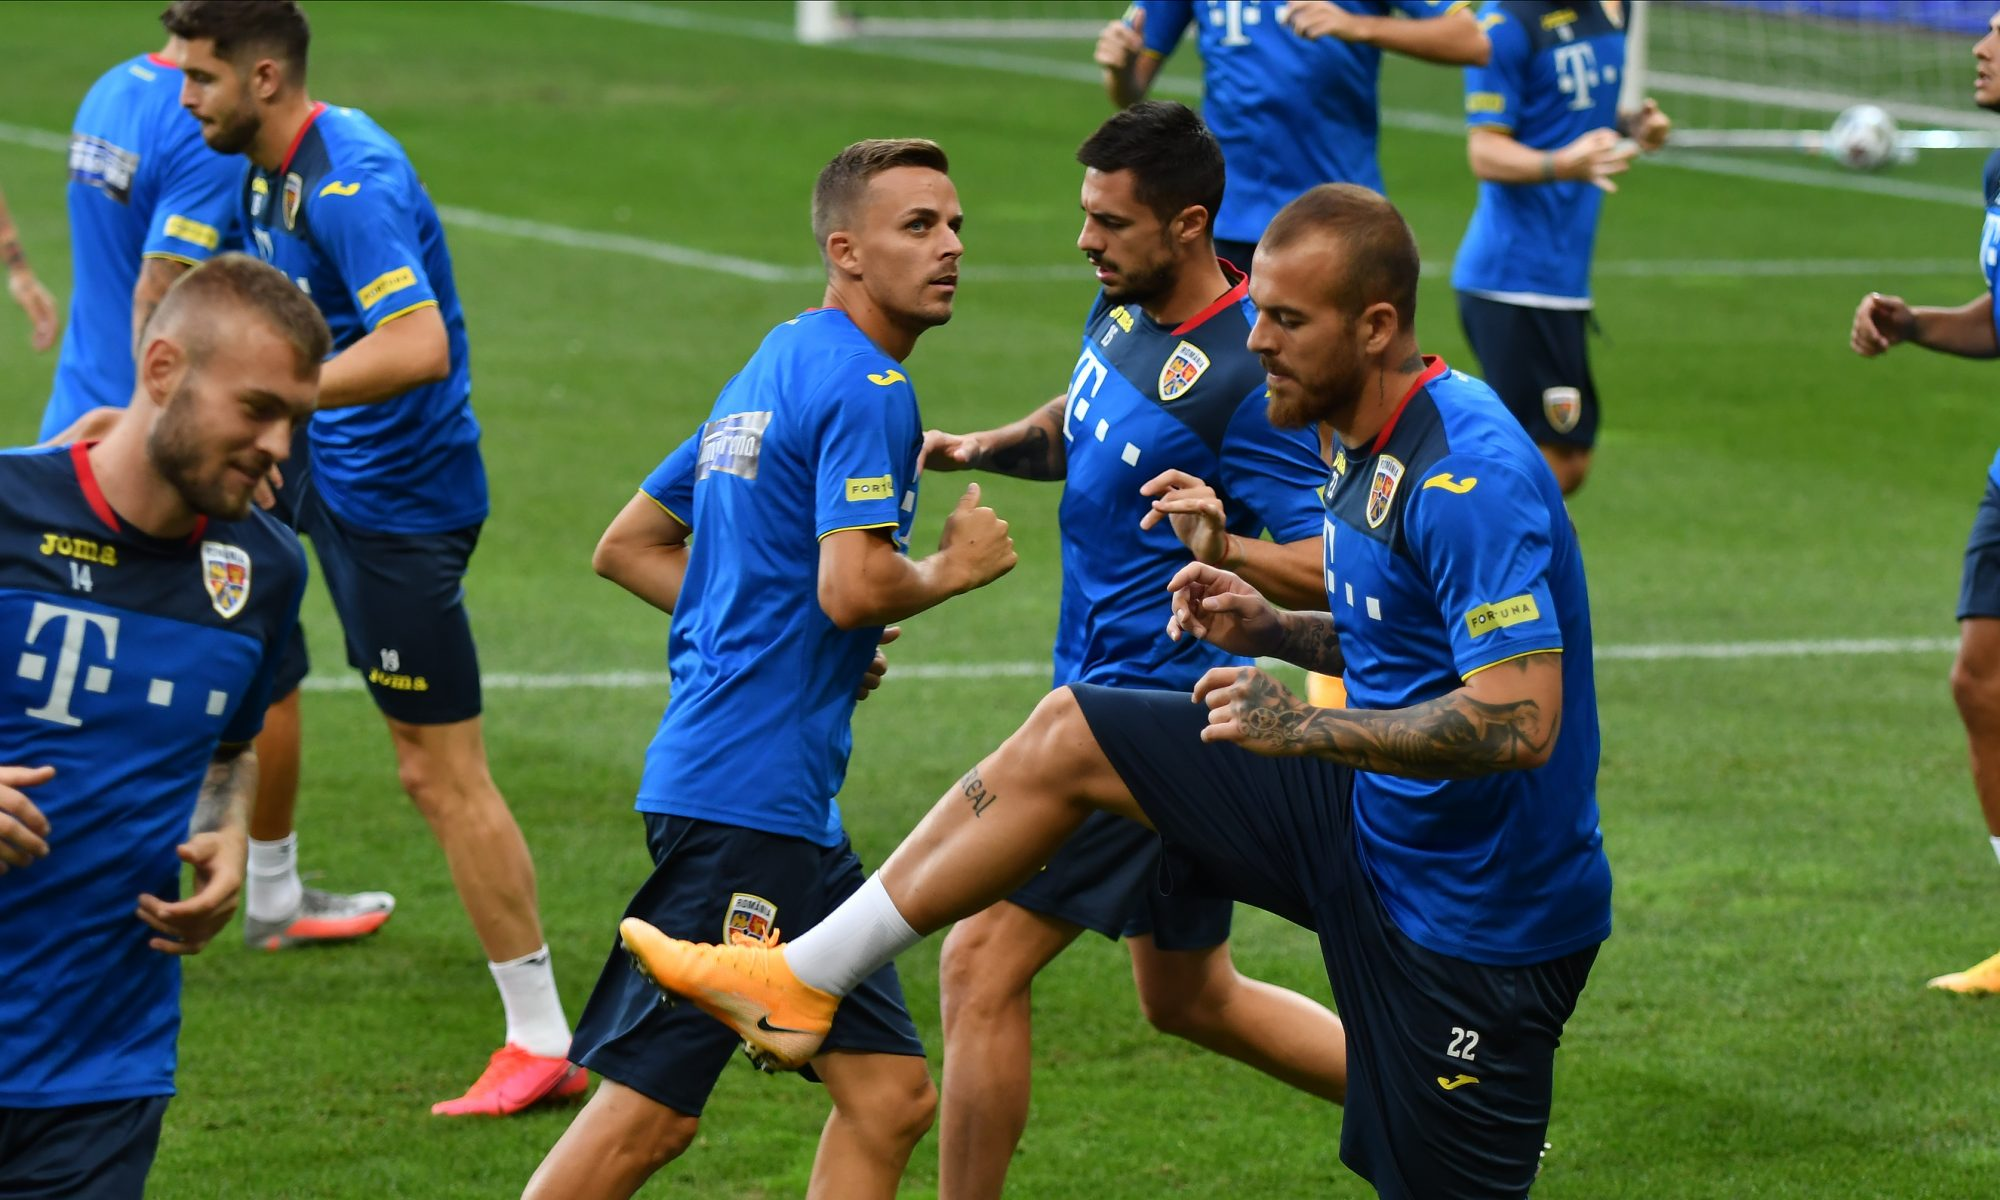 Așa arată cea mai scumpă echipă de start a României. Sursă foto: sportpictures.eu